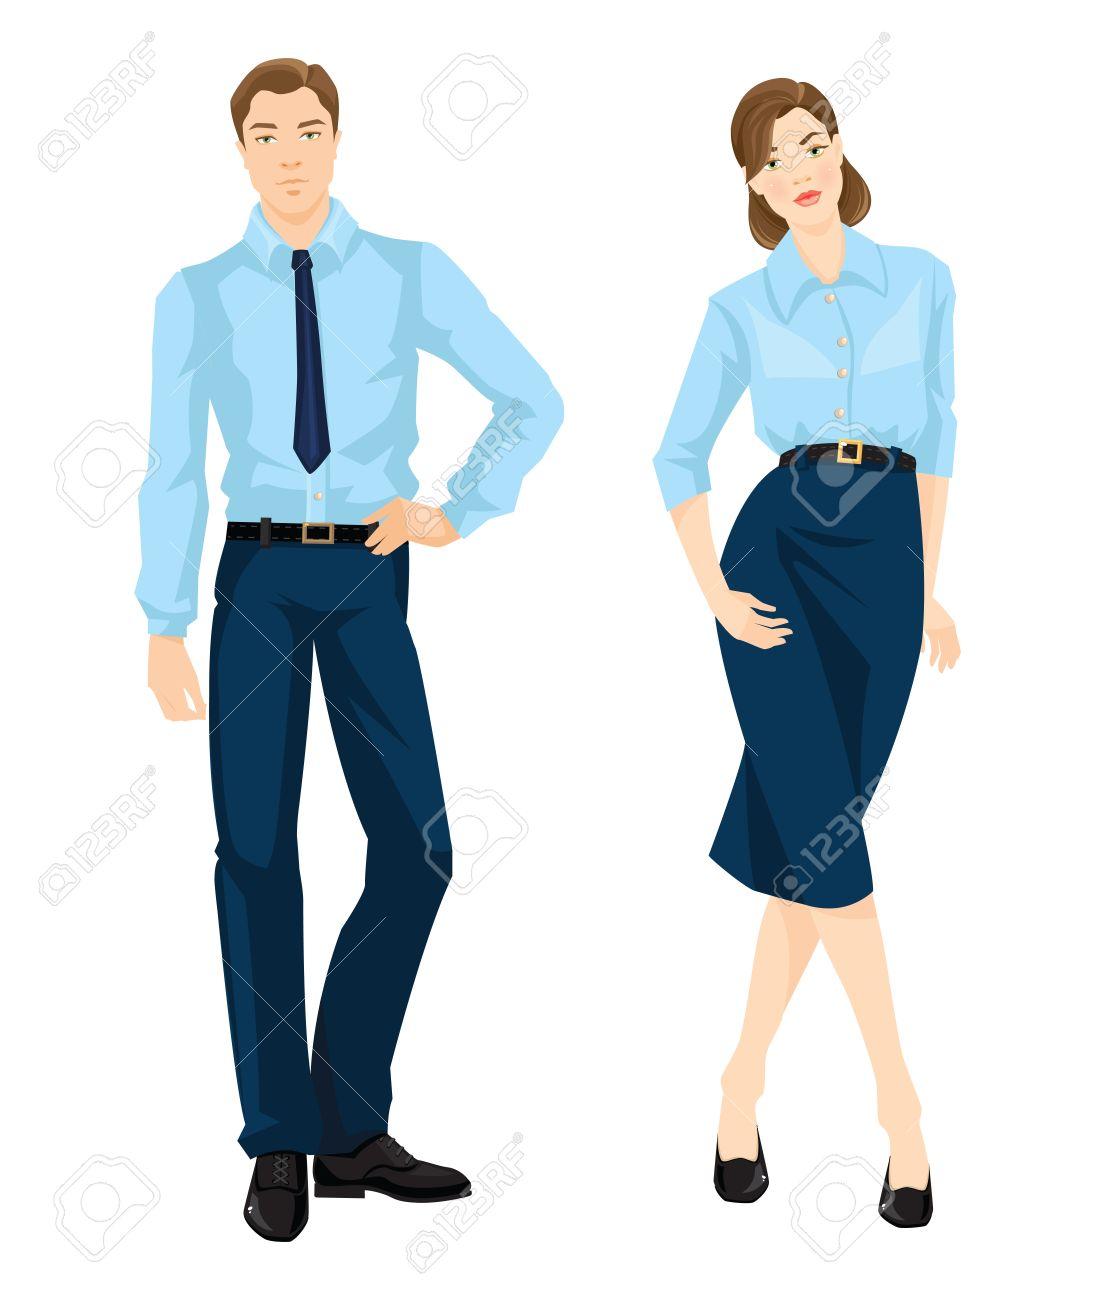 ee6eca644 Ilustración del vector de código de vestimenta corporativa. El hombre y la  mujer en camisa oficial de la luz azul, pantalón azul marino, cinturón ...